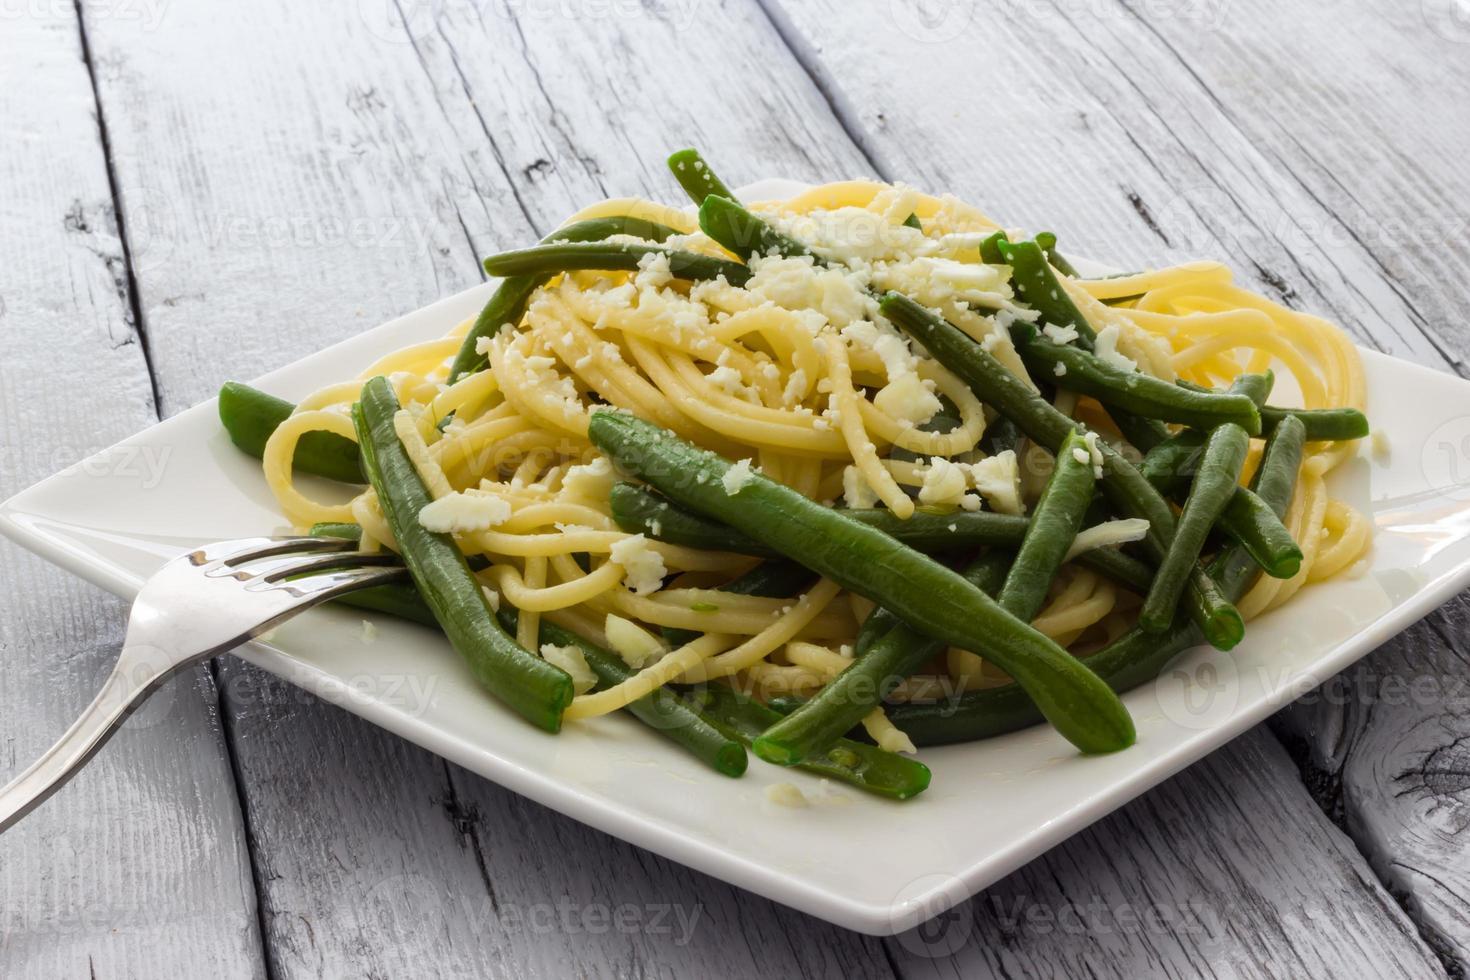 espagueti con aceite de ajo y judías verdes de italia foto